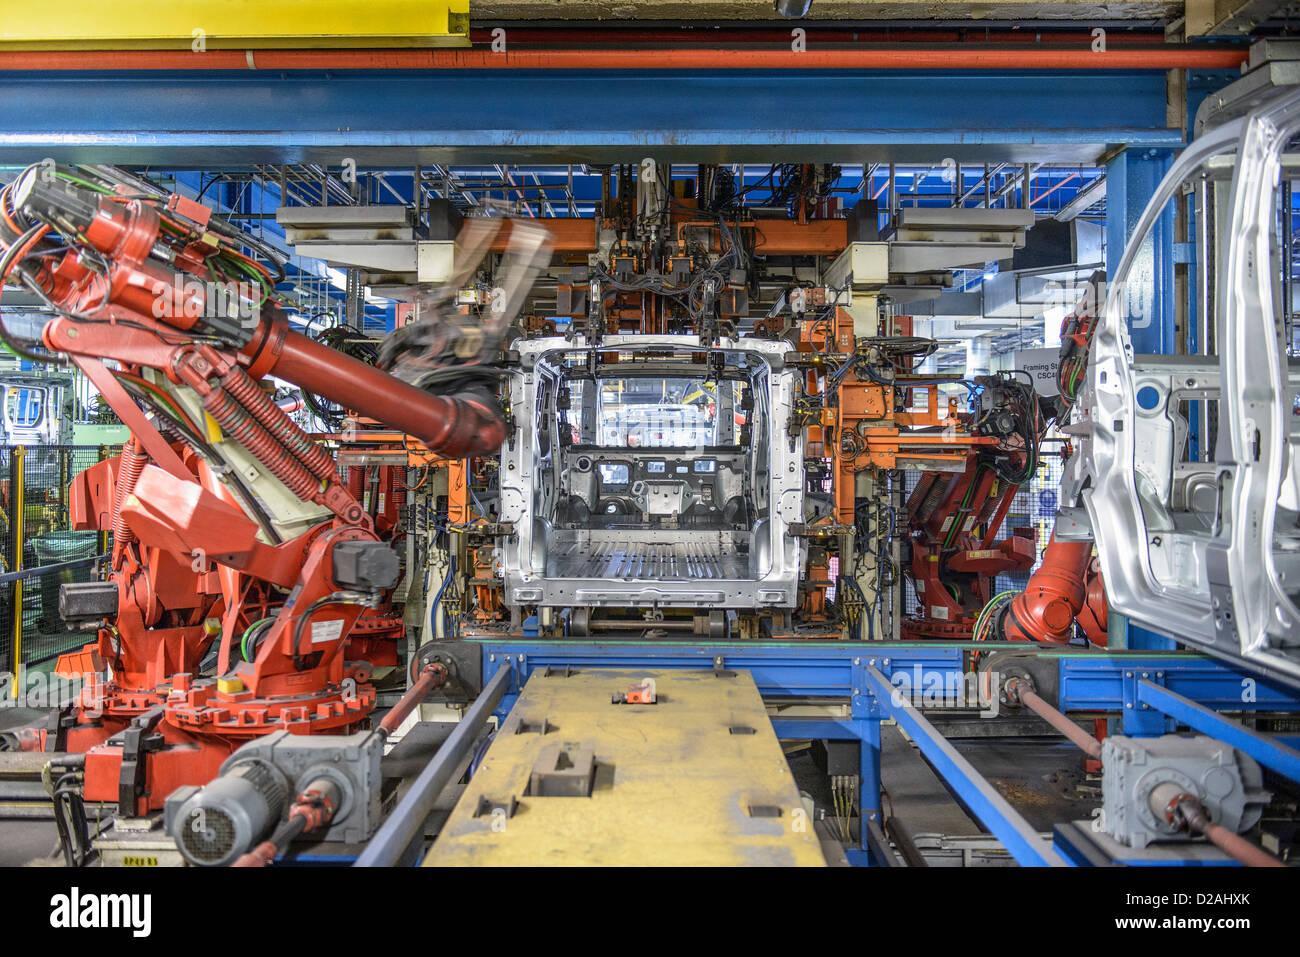 Robots welding van body in car factory Stock Photo